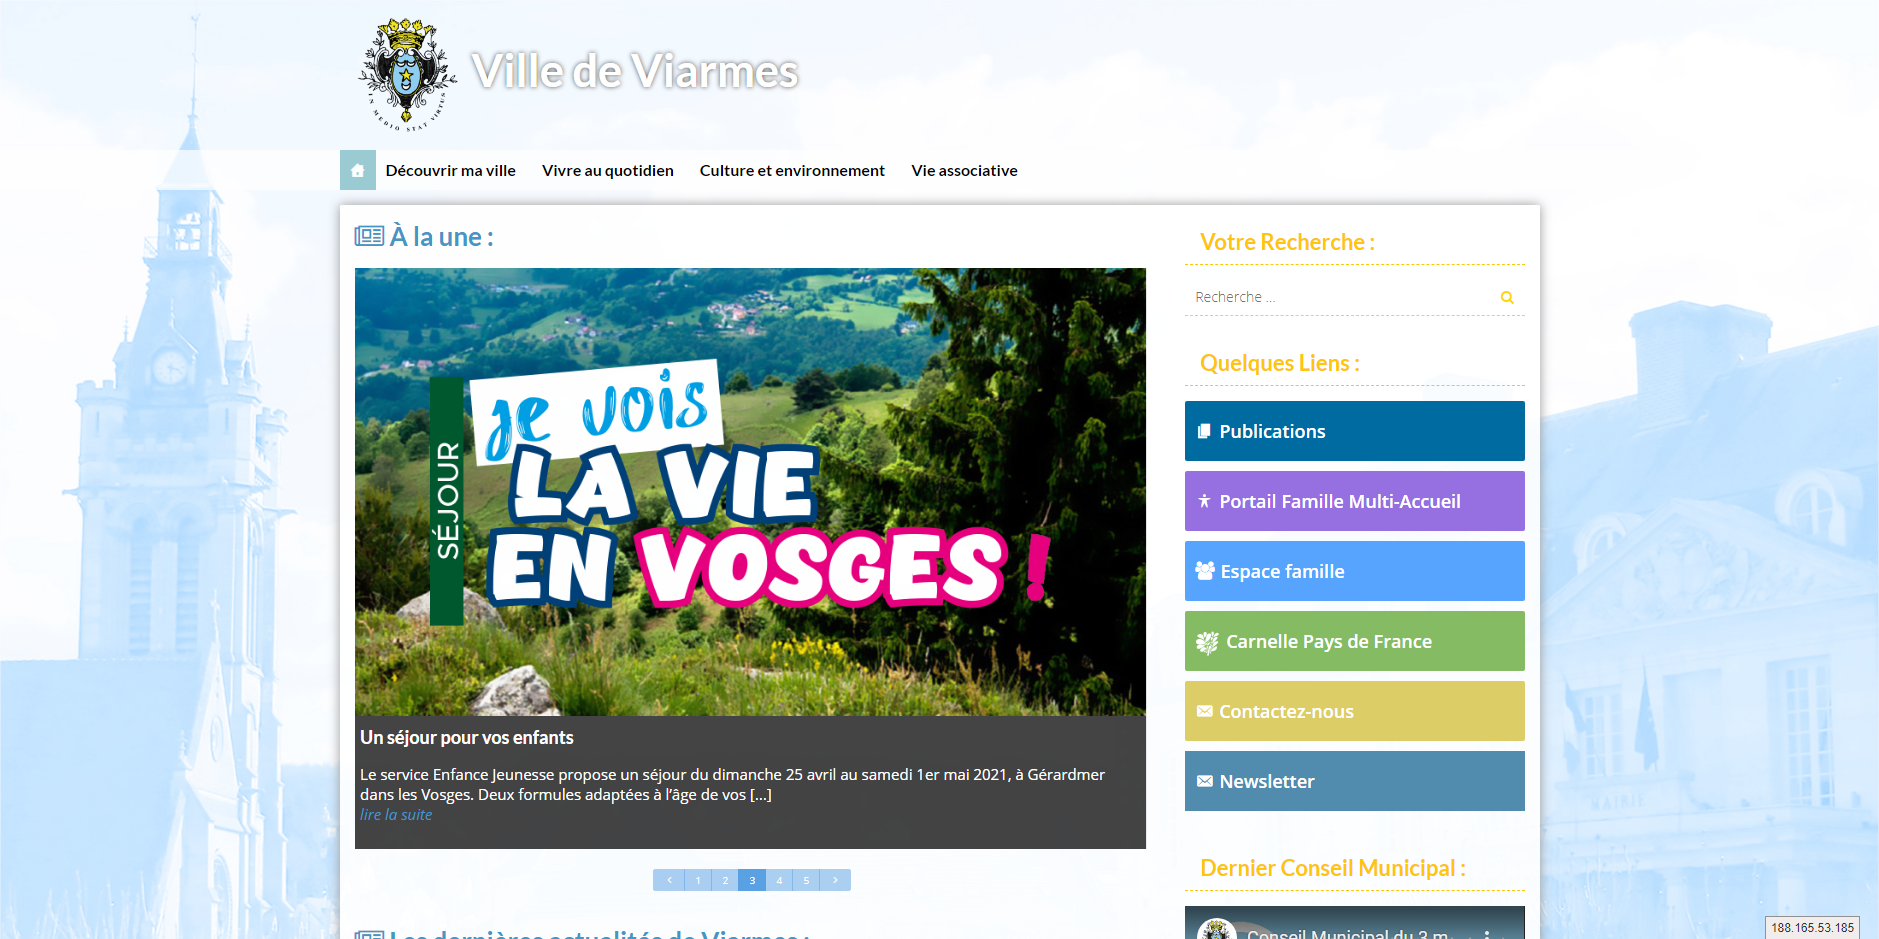 site de Viarmes